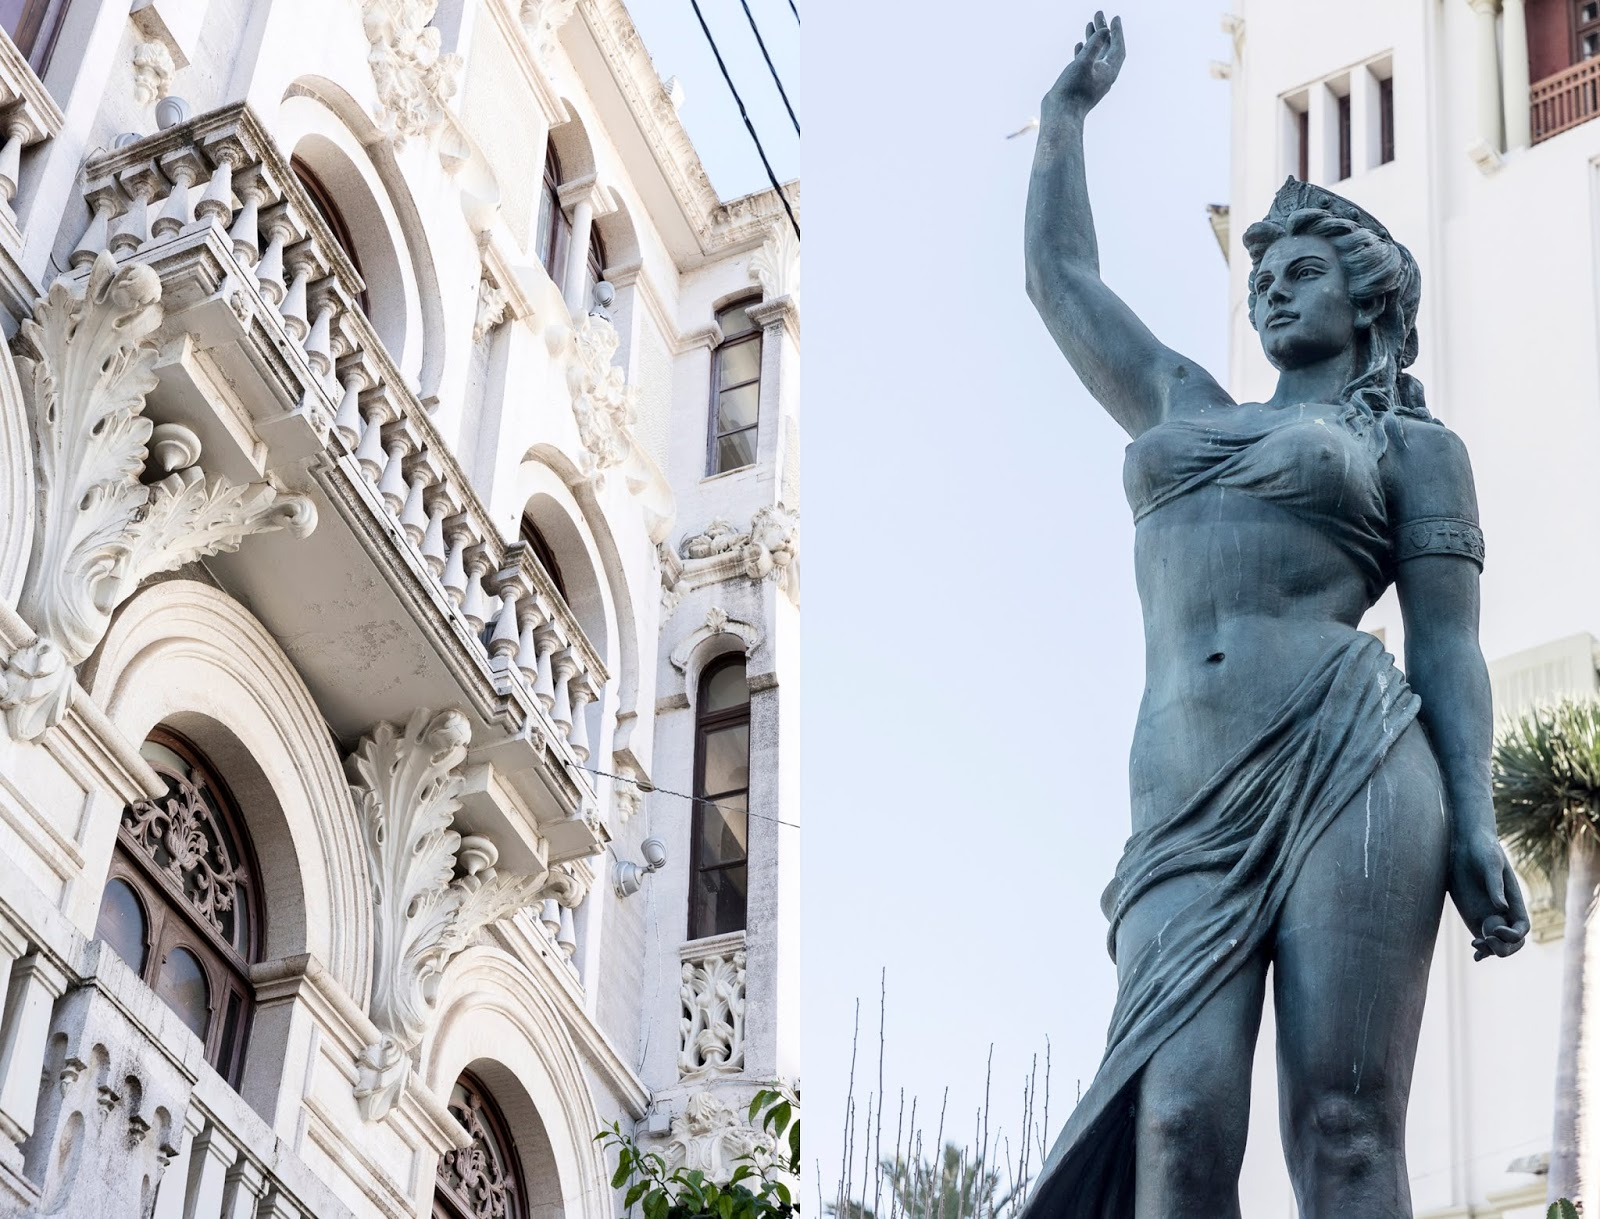 Ceuta, Spain, Africa, Espanja, matkailu, matkustus, rantaloma, lomakohde, valokuvaaja, photographer, Frida Steiner, Visualaddict, visualaddictfrida, valokuvaus, architecture, statue, calypso